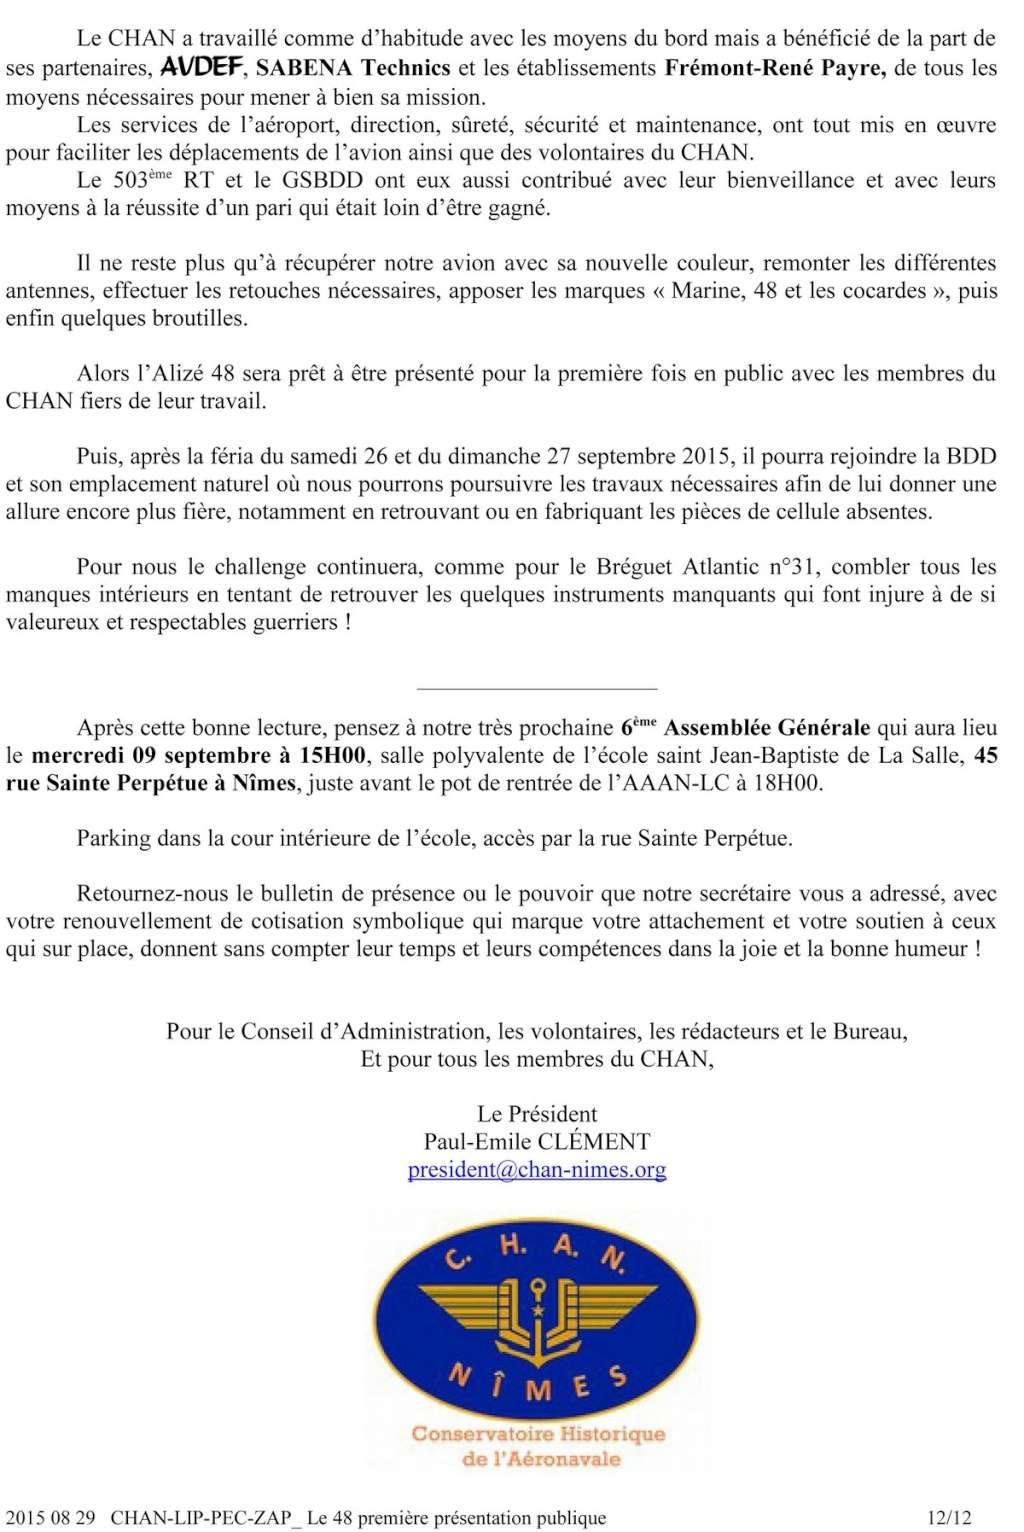 [Associations anciens marins] C.H.A.N.-Nîmes (Conservatoire Historique de l'Aéronavale-Nîmes) - Page 3 2015_021